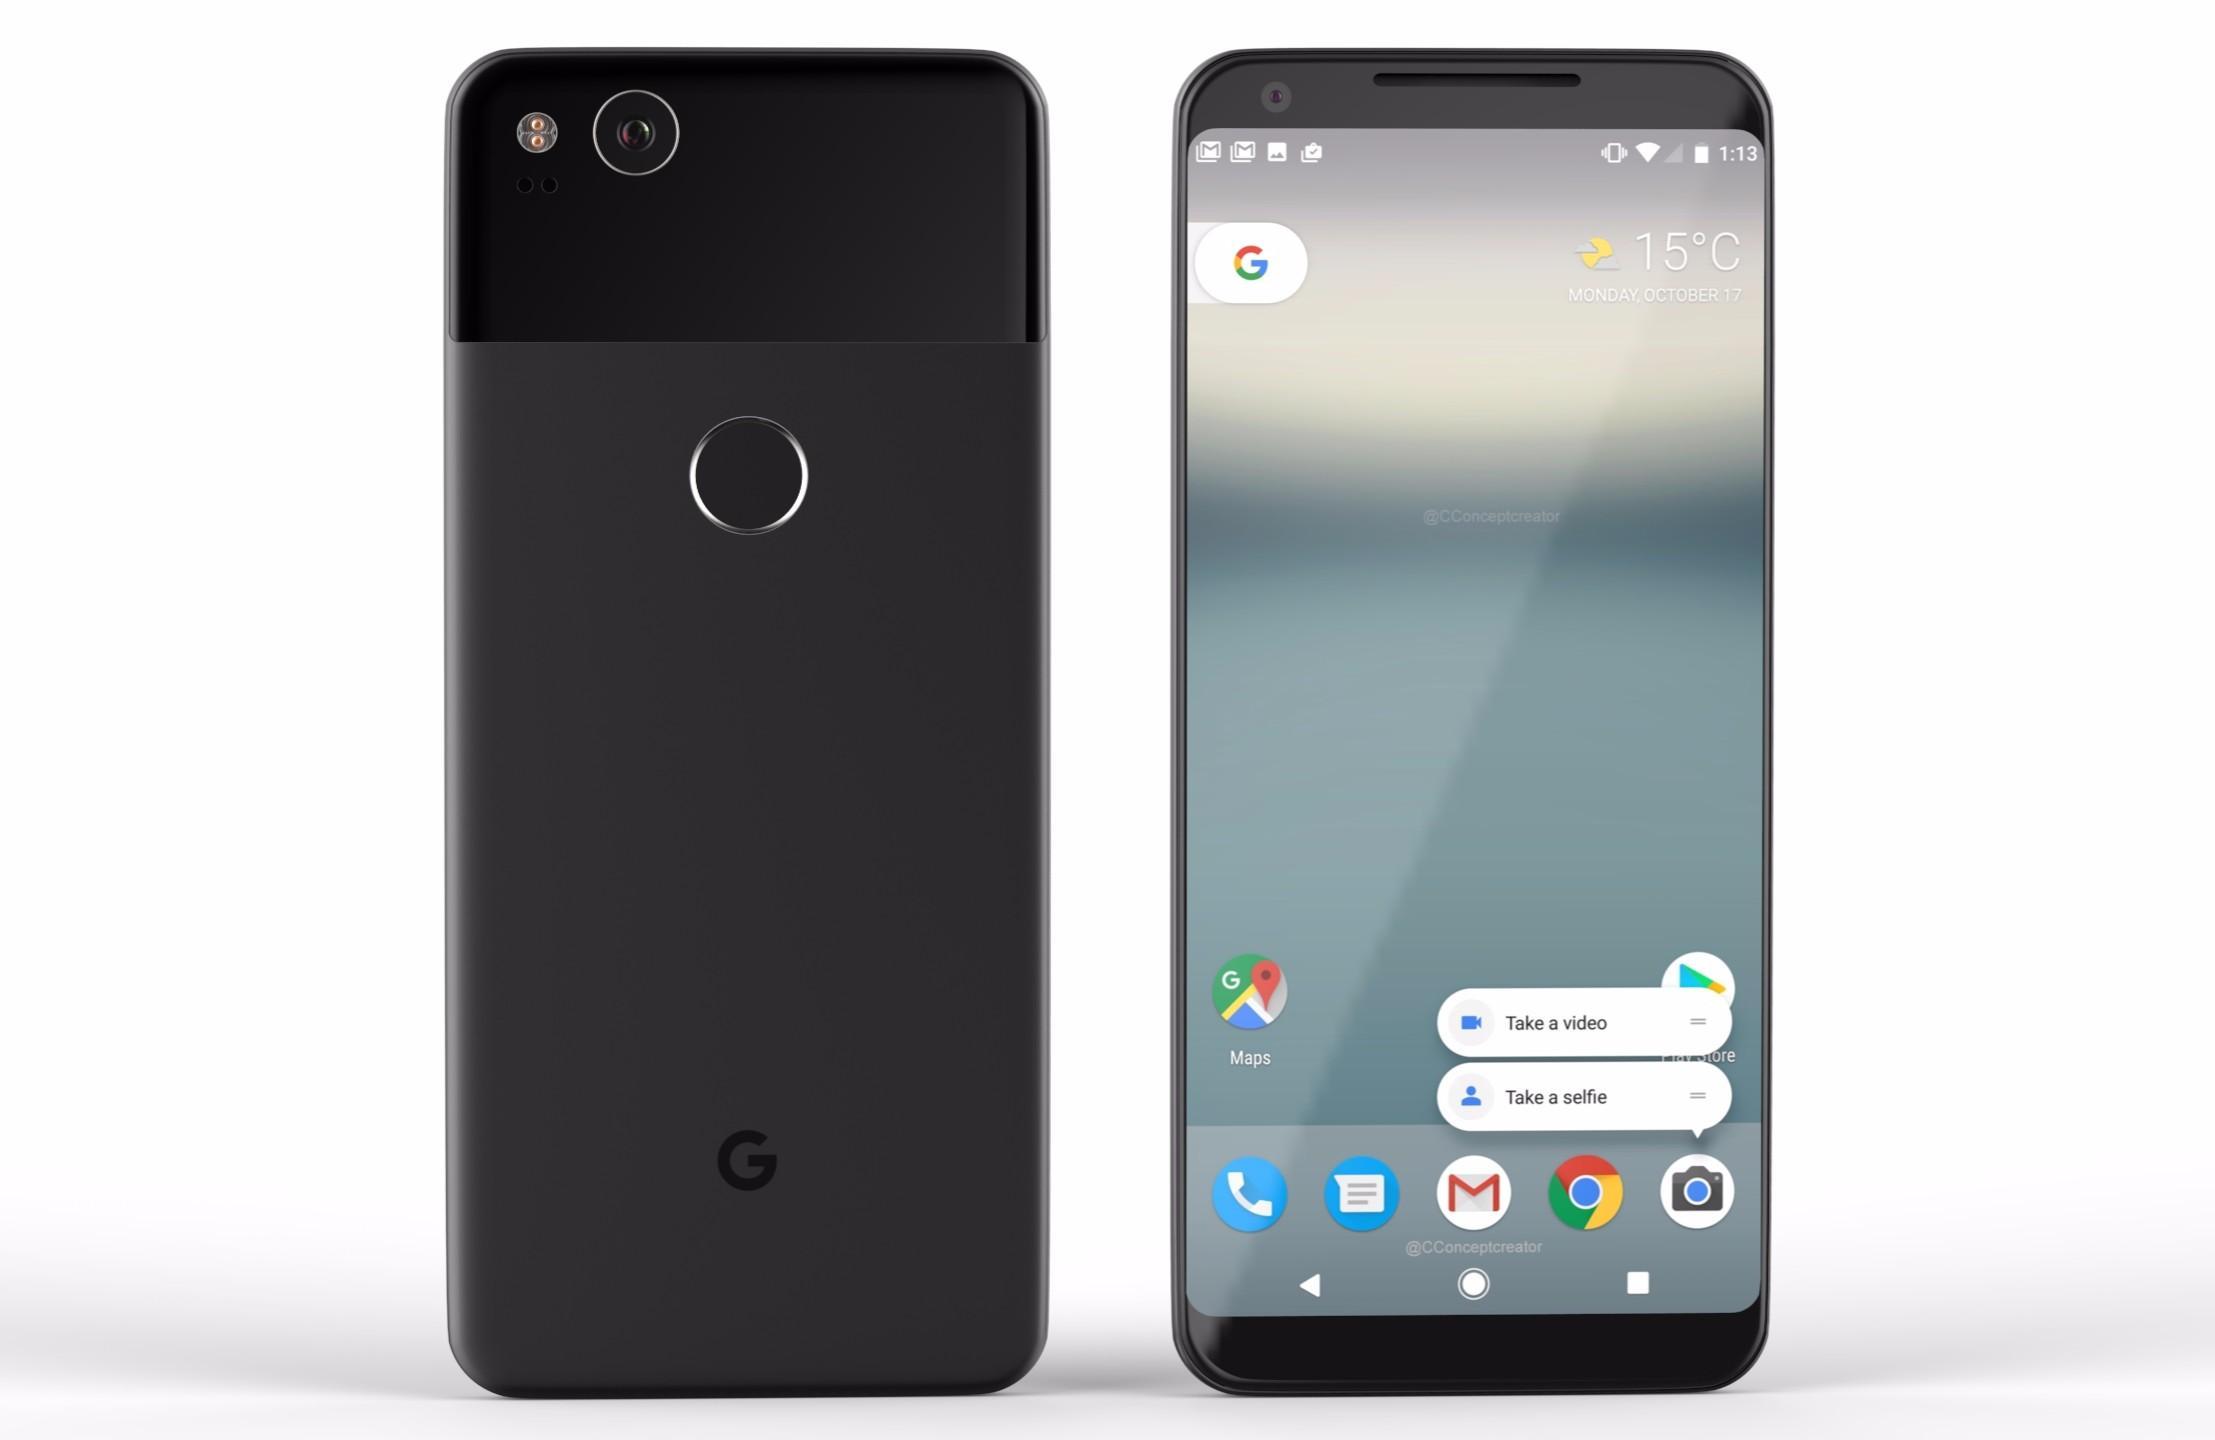 Google presenterà i nuovi Pixel 2 e Pixel 2 XL il 4 ottobre 2017